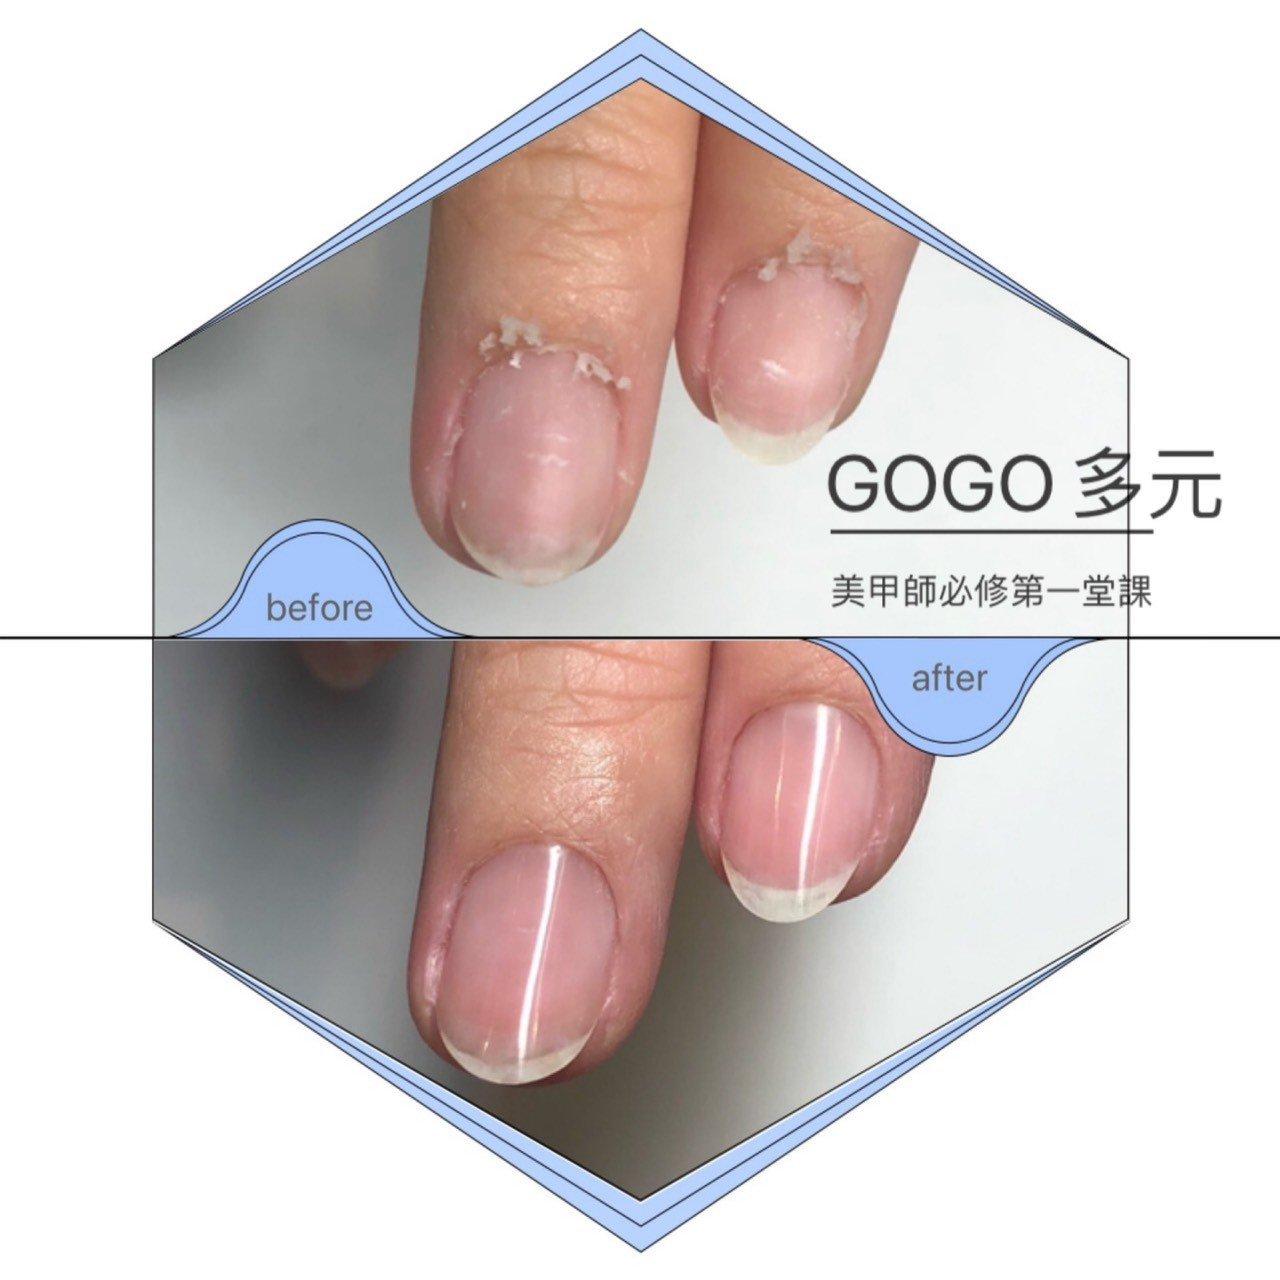 手部保養 基礎課程 S plus nail 凝膠單色 美甲課程